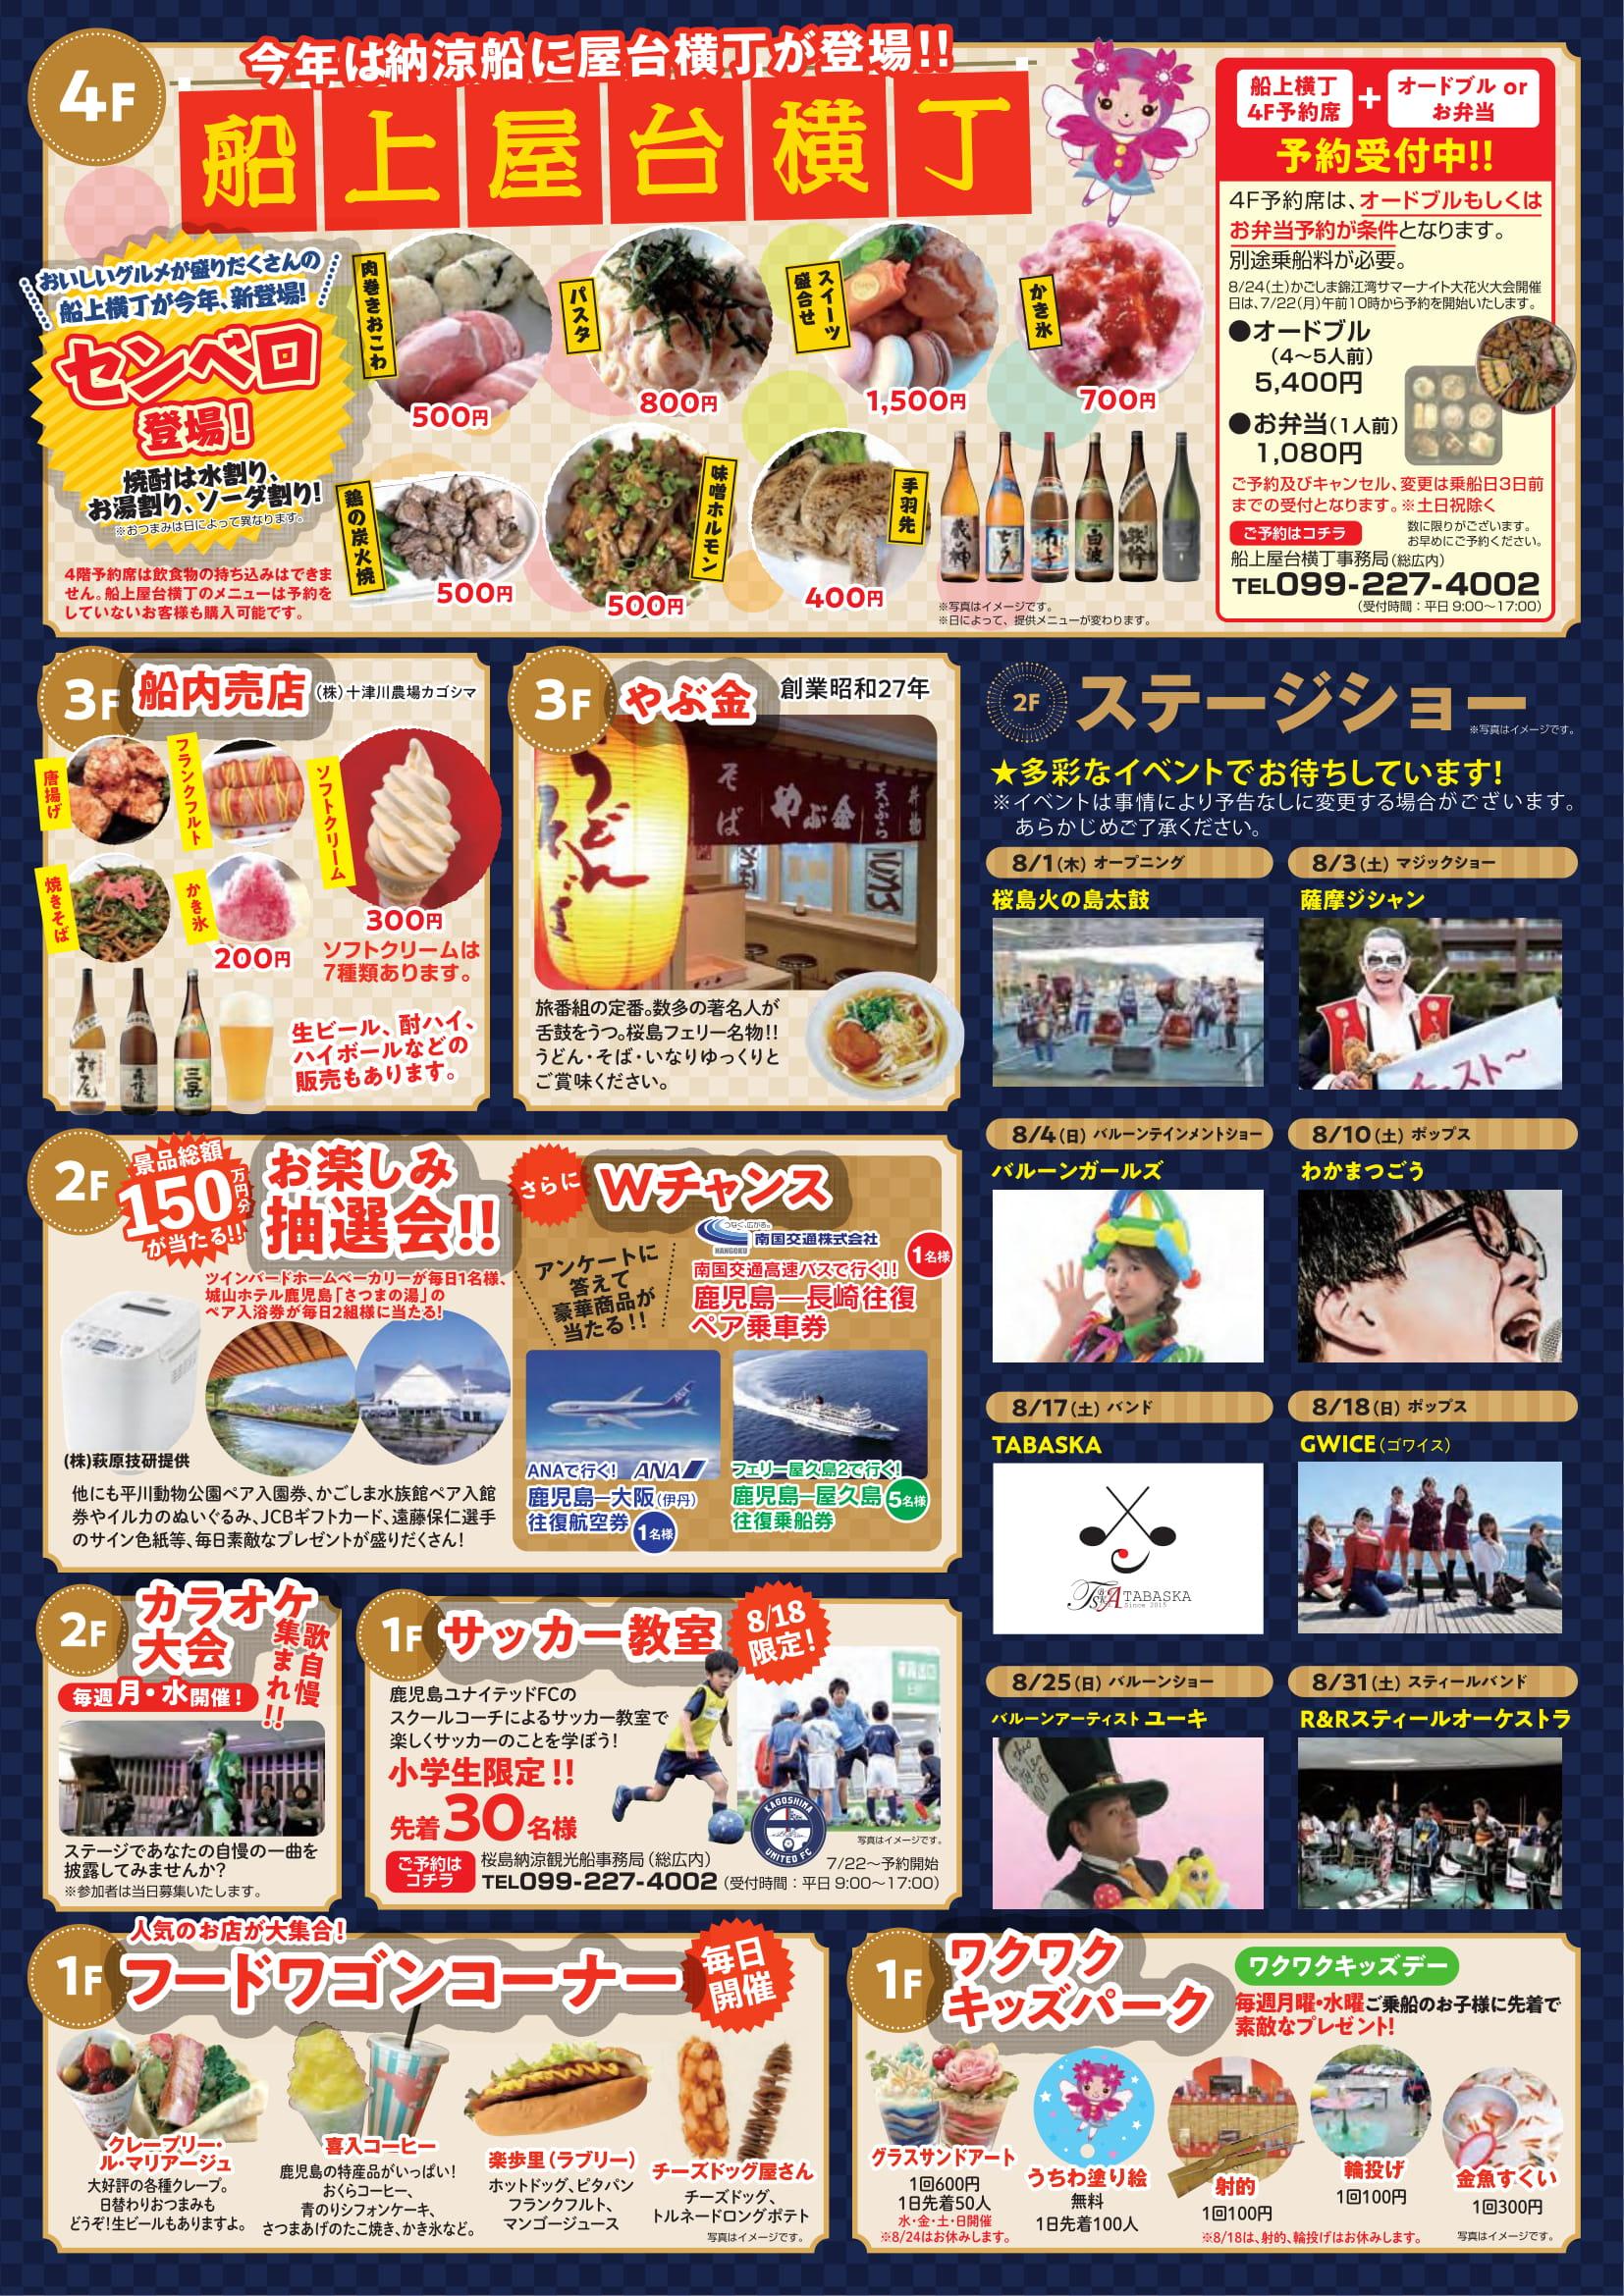 桜島納涼観光船2019-2